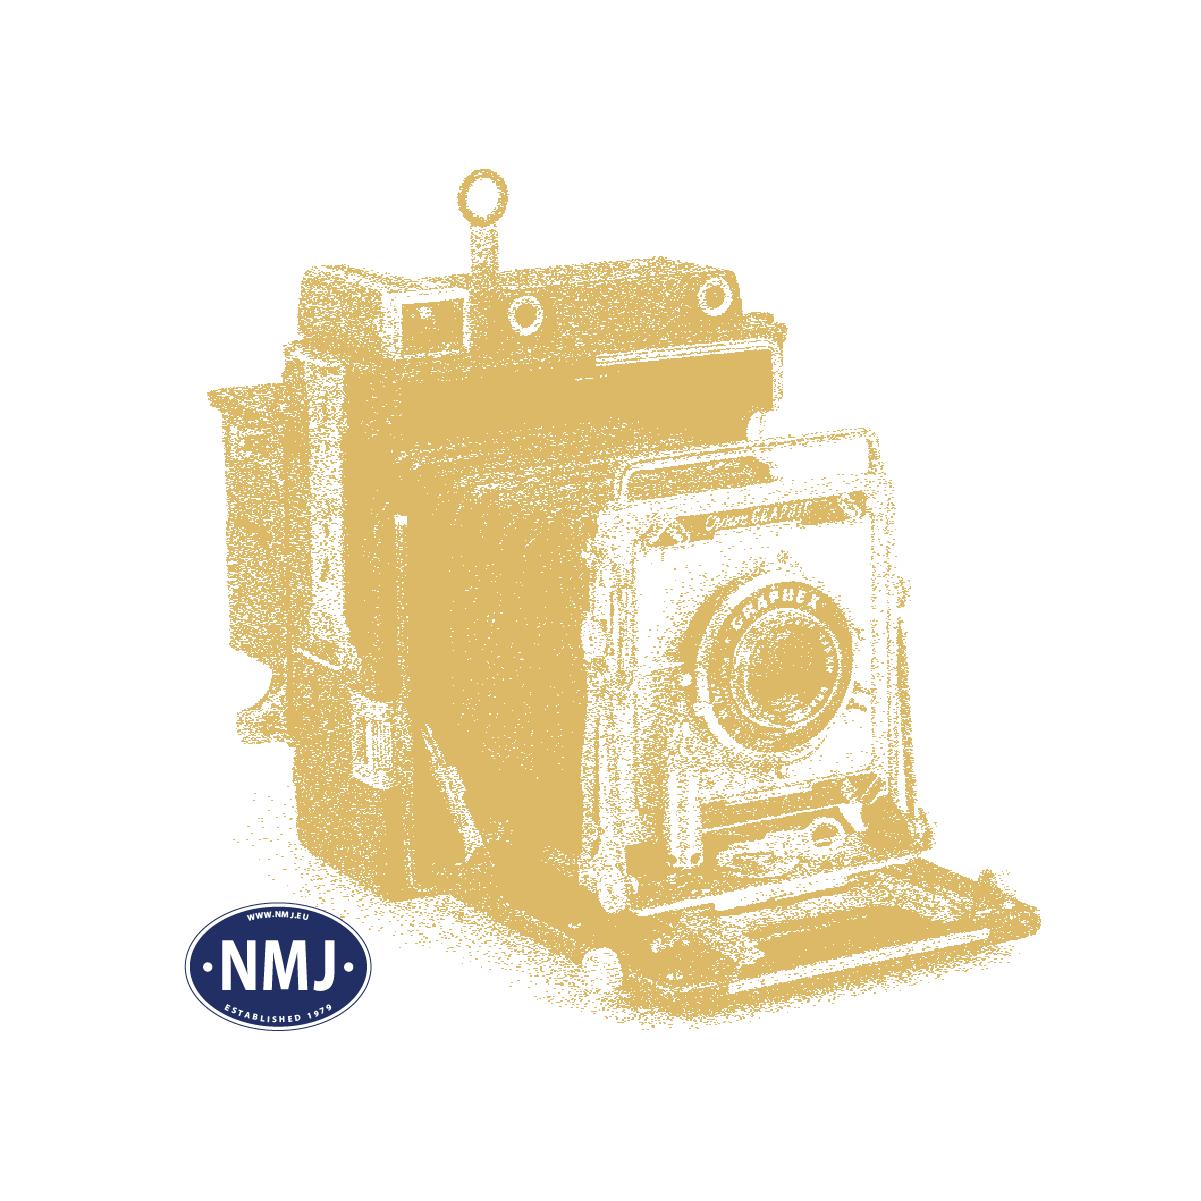 NMJT86.401 - NMJ Togpakke: NSB El11 og 8 godsvogner, 1983-2002, DC